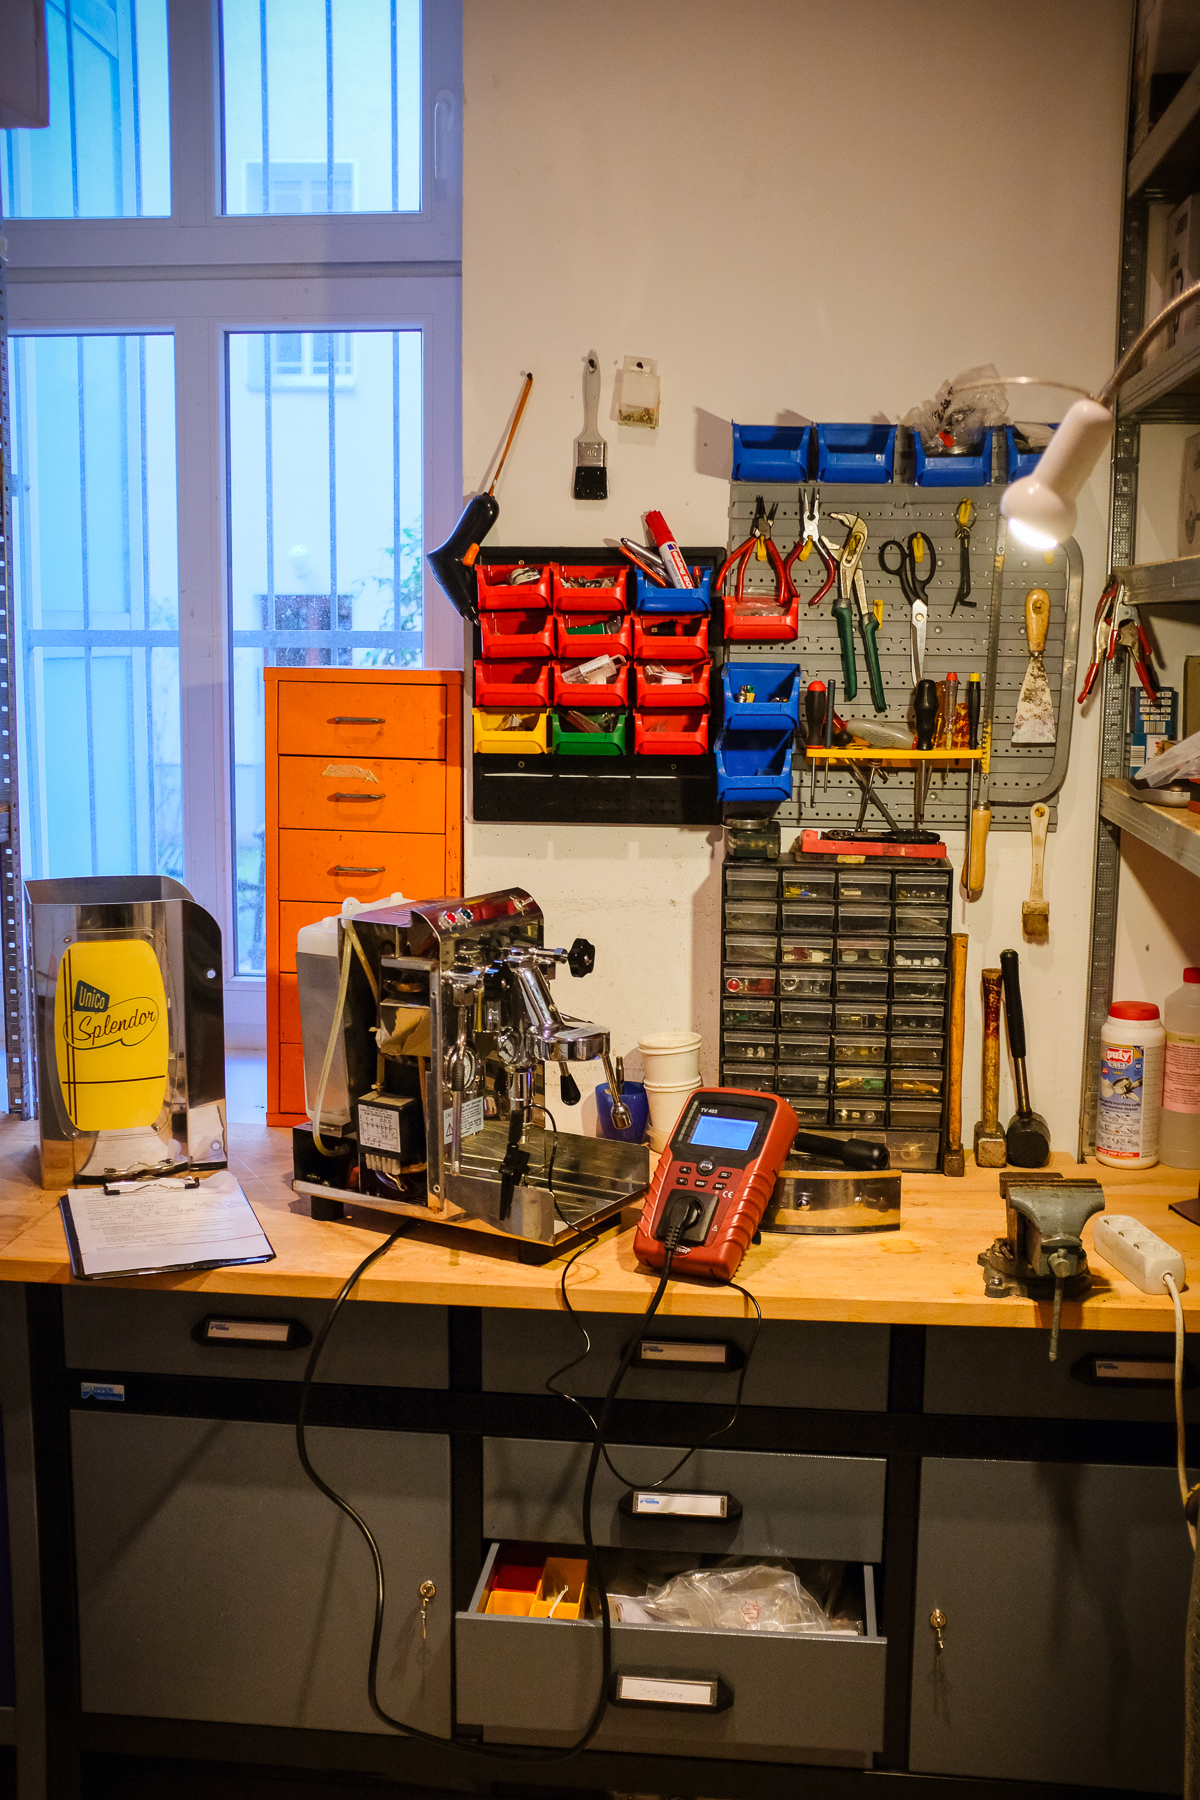 Reparatur und Wartung in unserer Siebträger Espressomaschinen Werkstatt